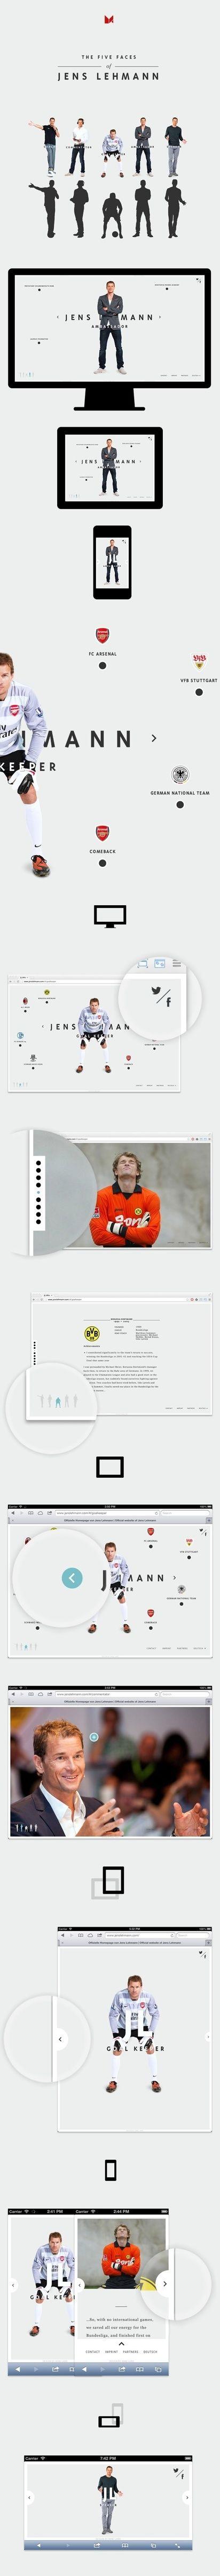 Jens Lehmann   Personal Website on Behance